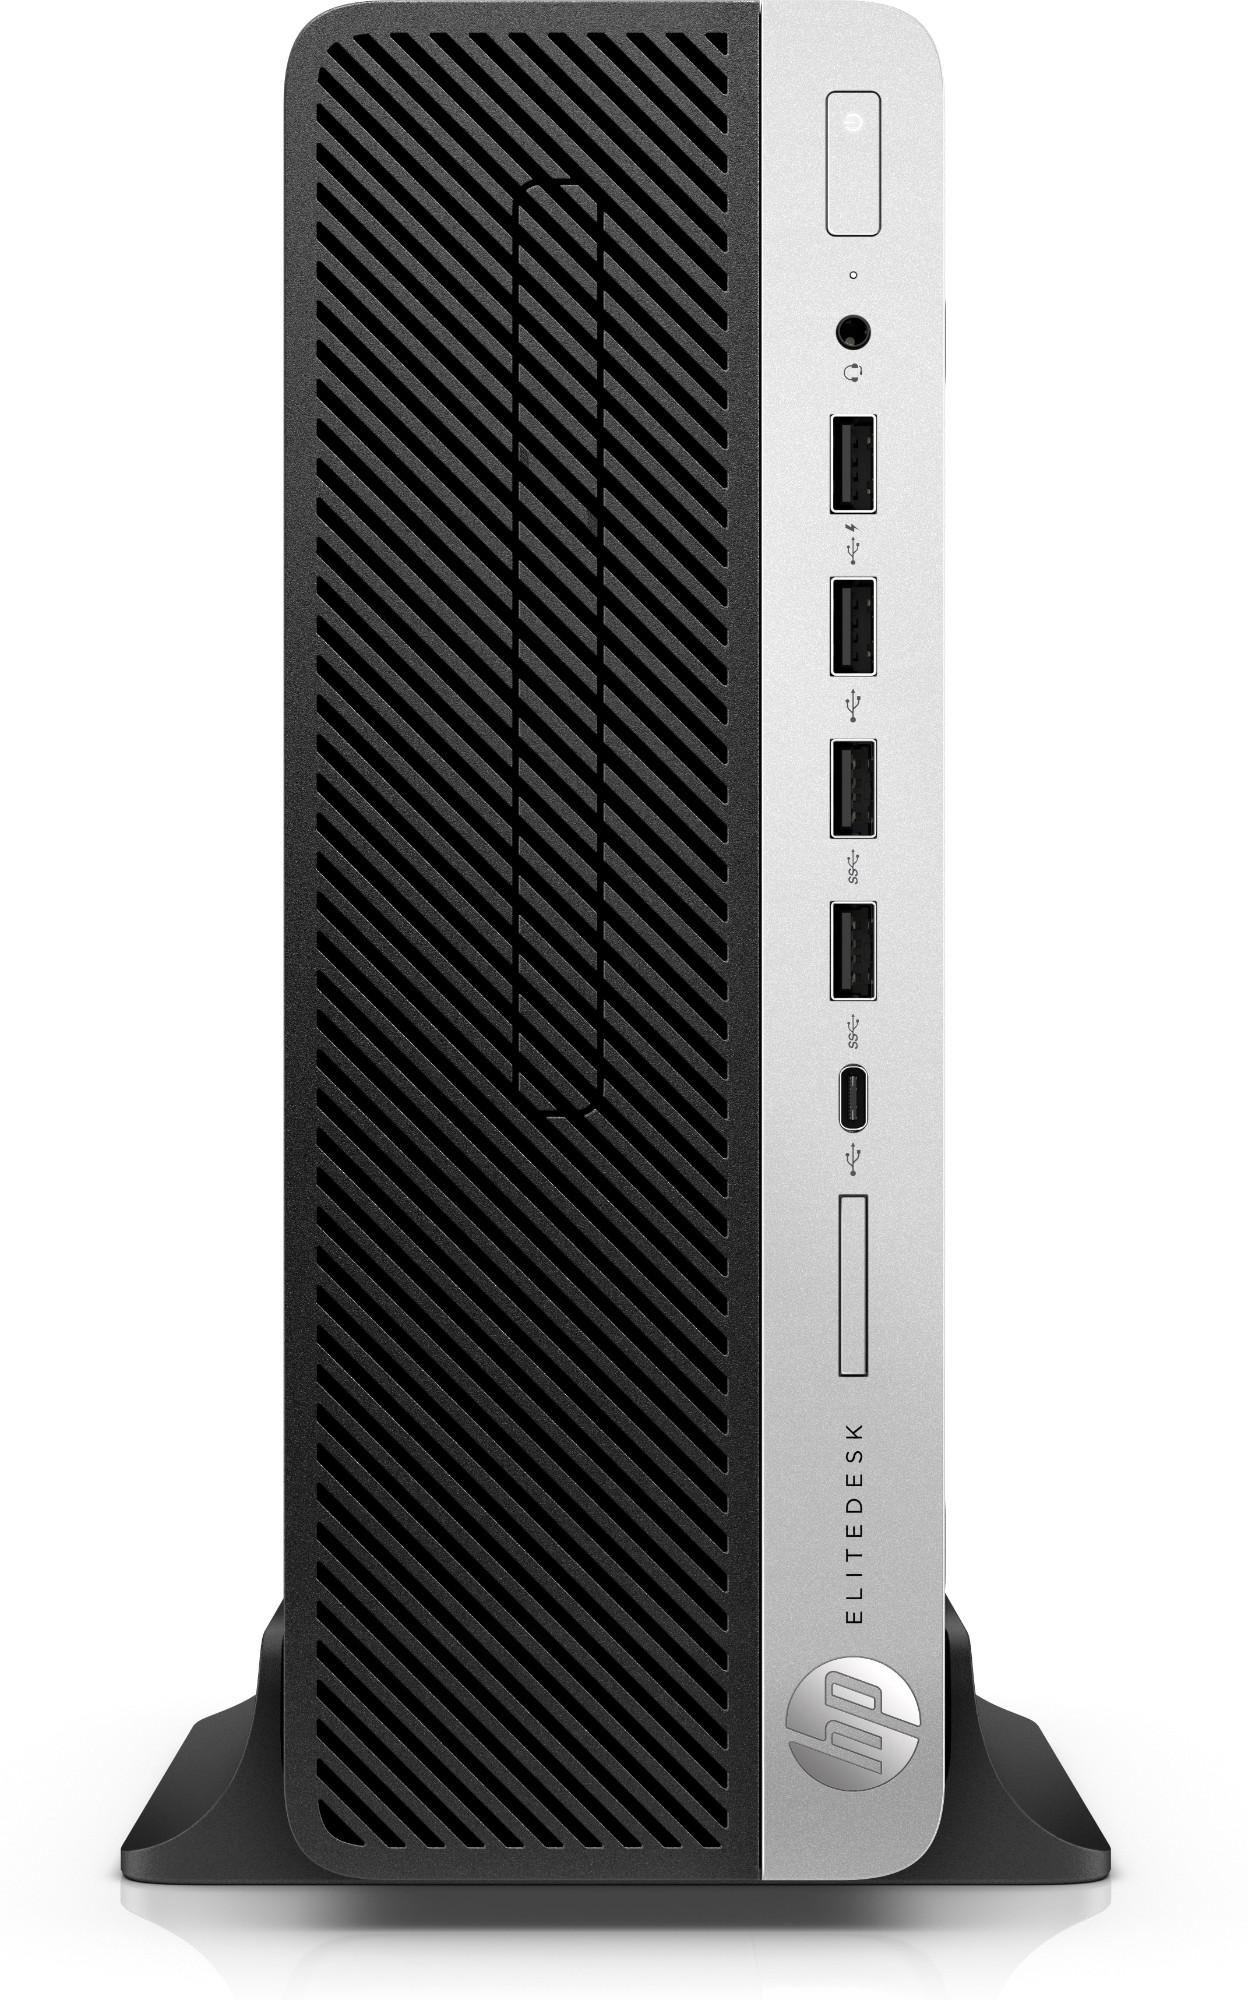 HP EliteDesk 705 G4 AMD Ryzen 5 2400G 8 GB DDR4-SDRAM 256 GB SSD Black,Silver SFF PC